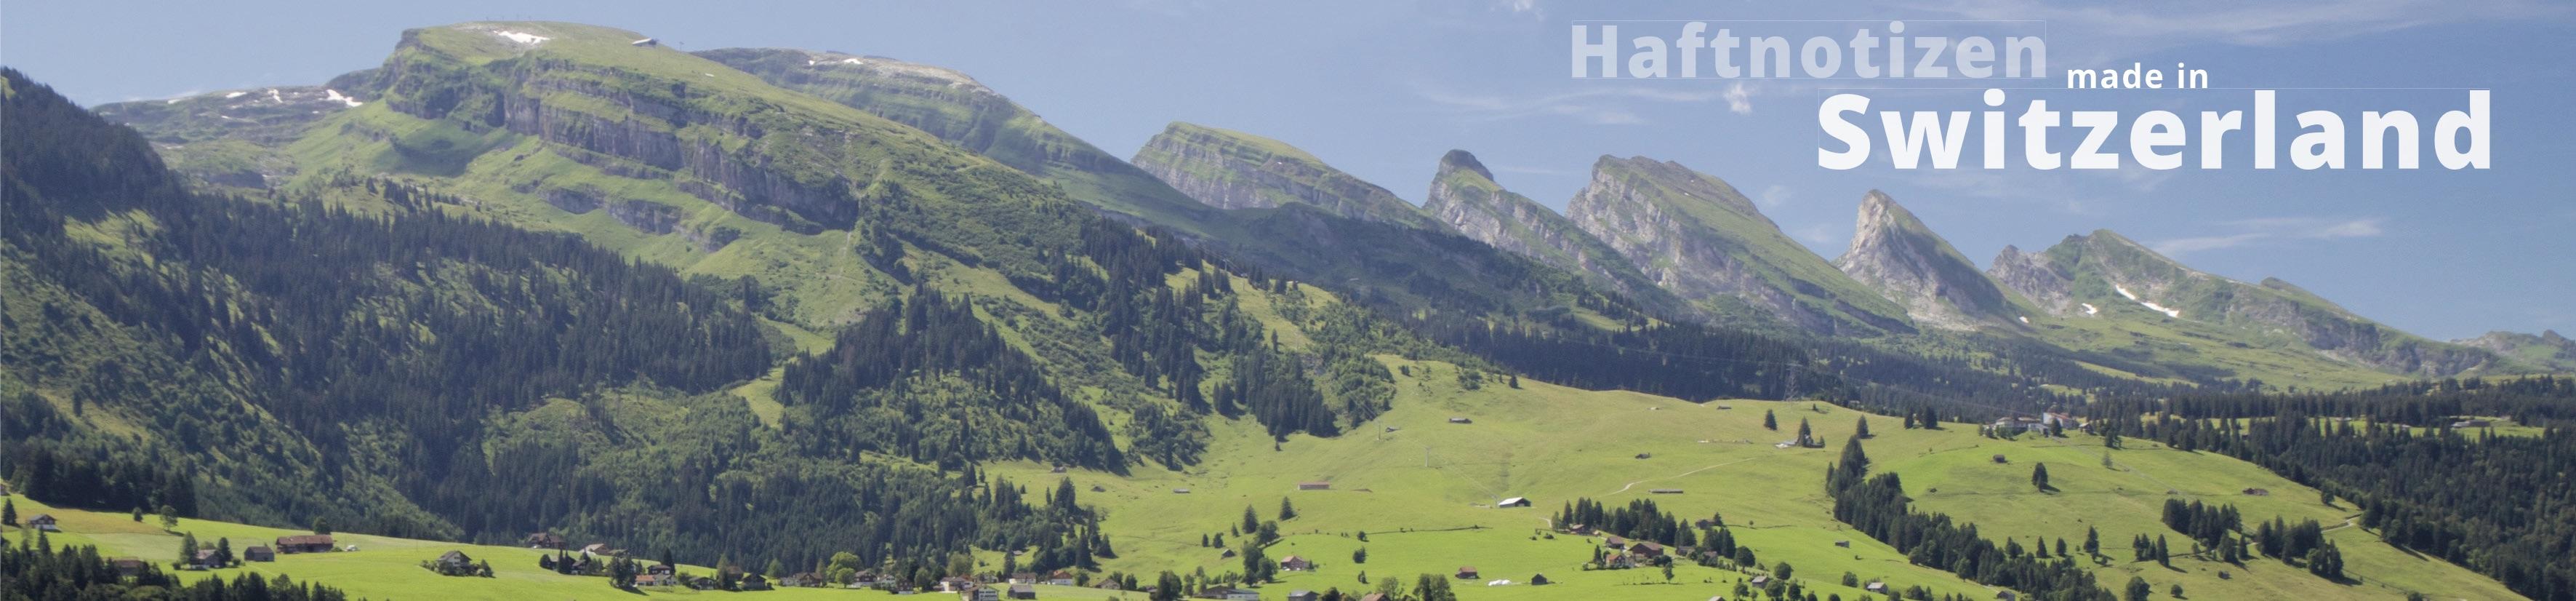 Haftnotizen in der Schweiz hergestellt